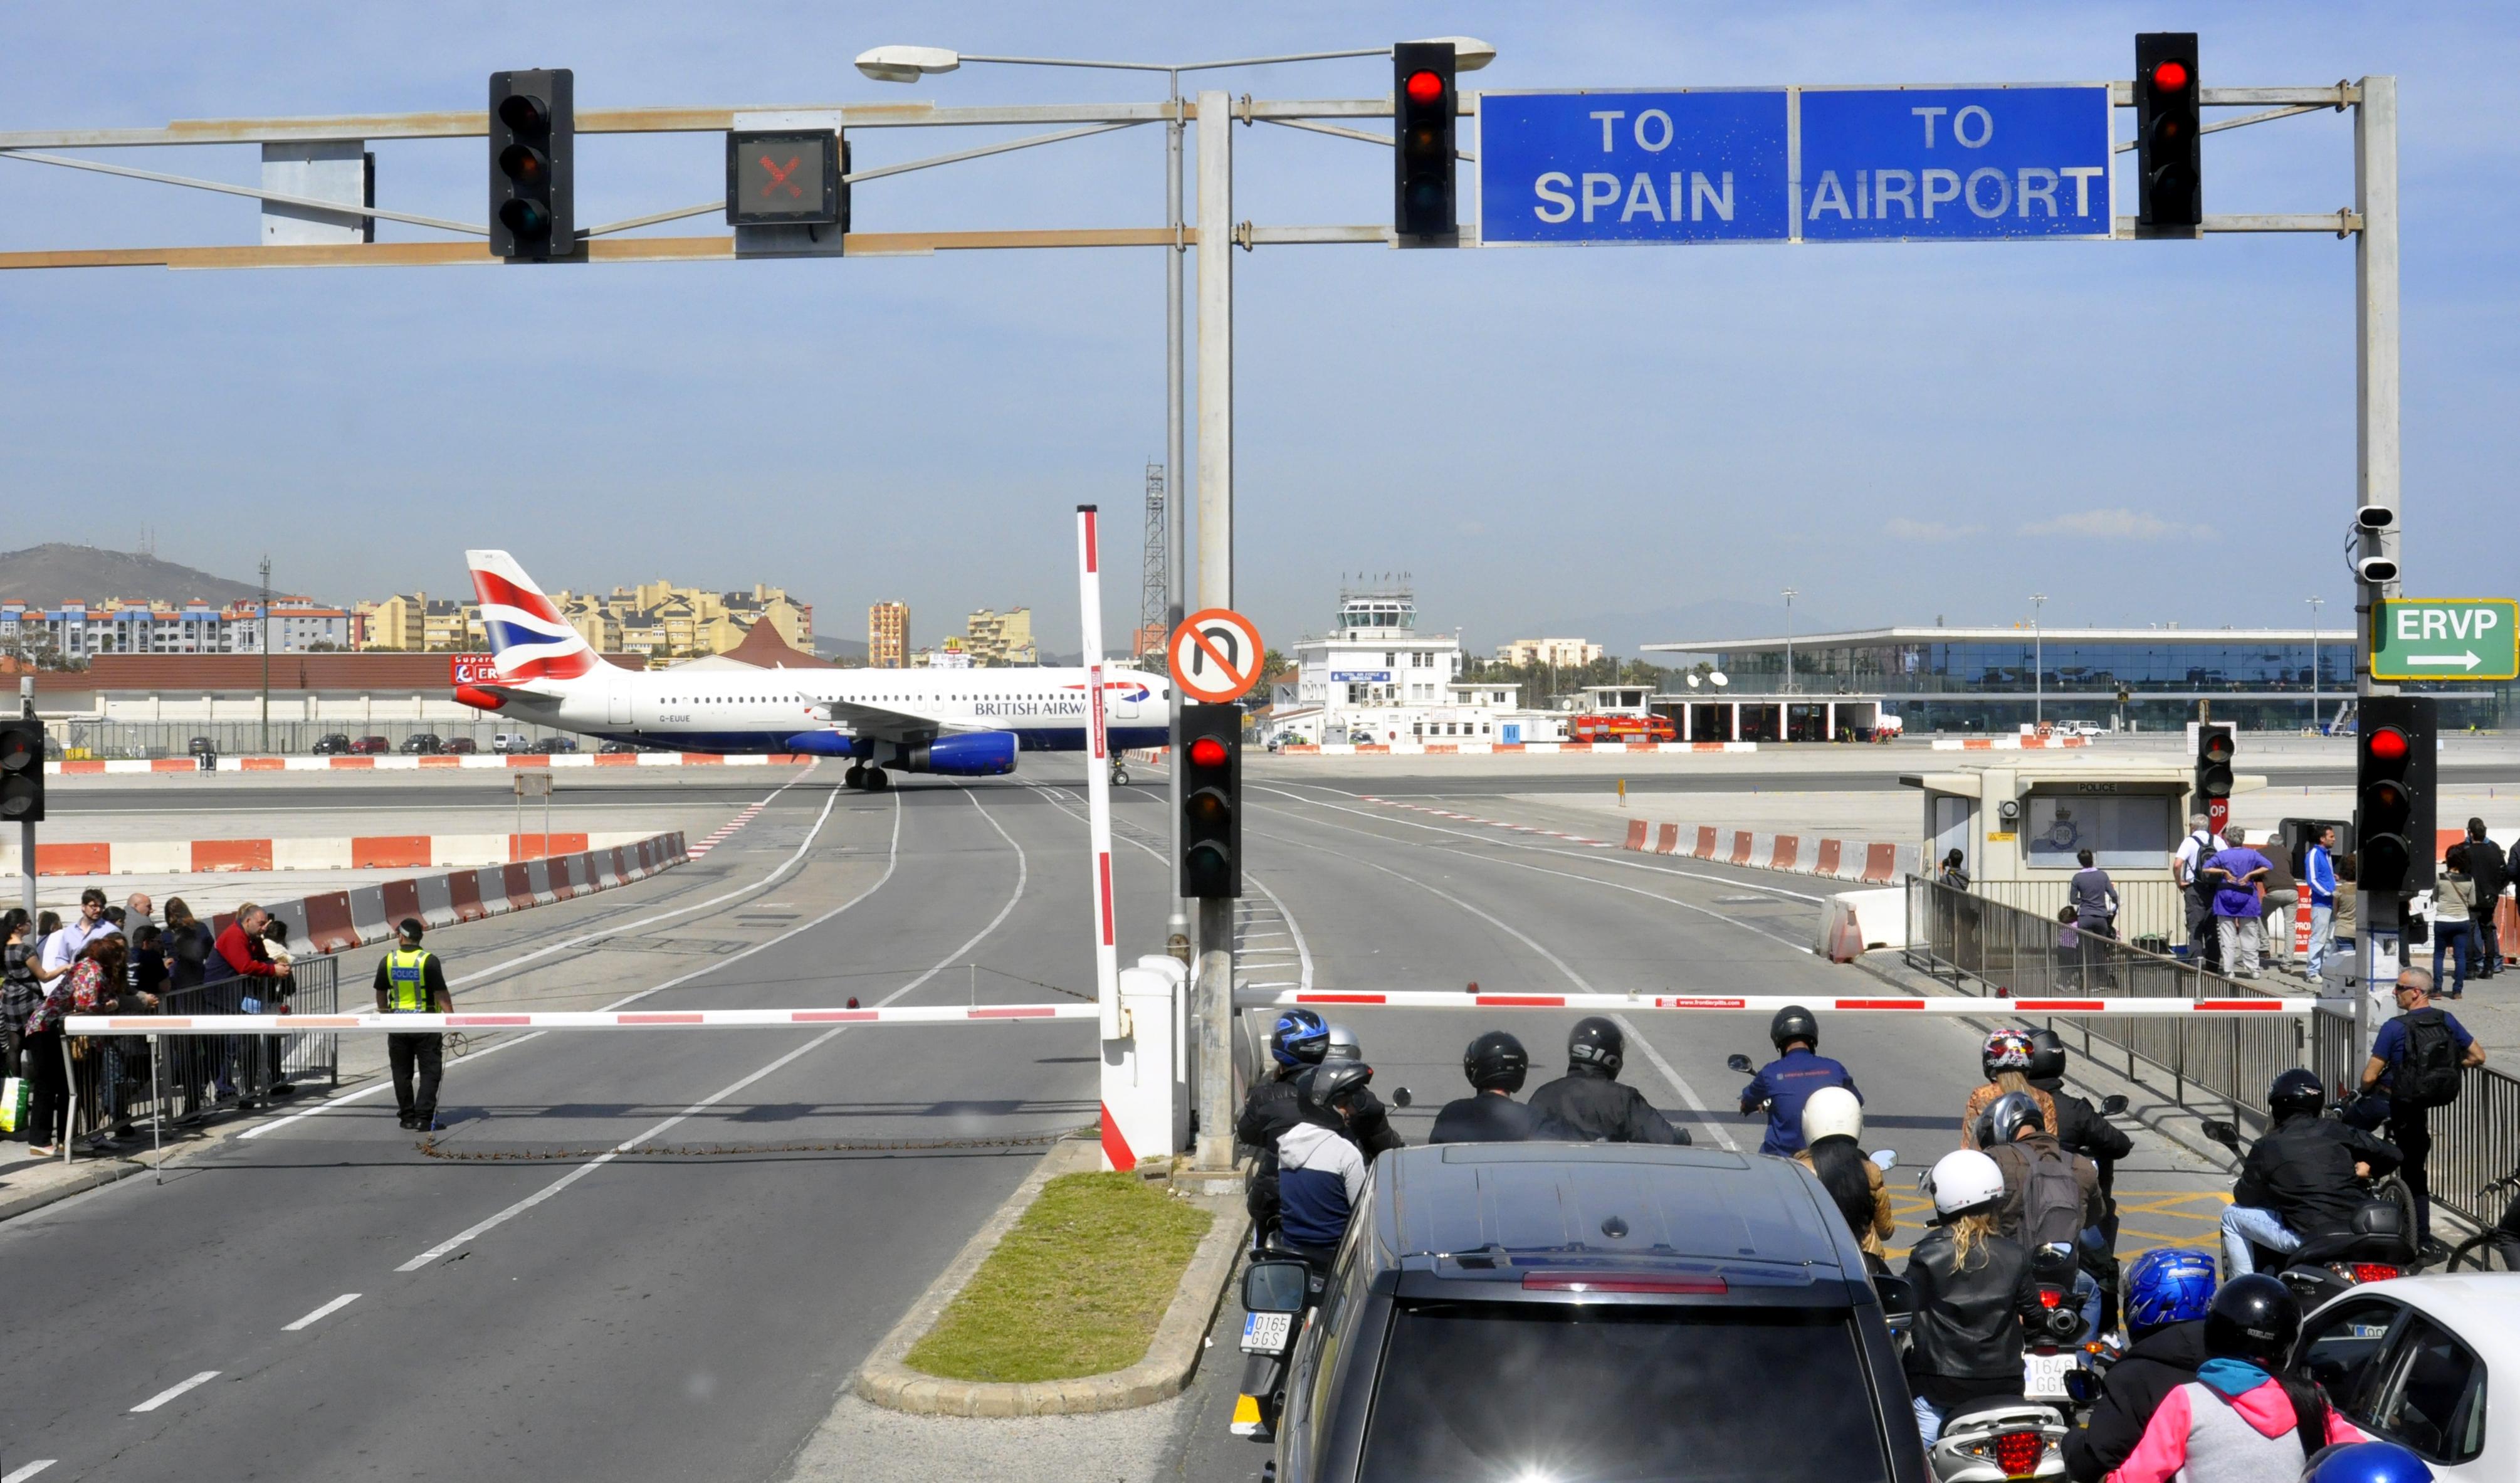 Чем так примечателен аэропорт Гибралтара, и откуда там взялась проезжая часть?